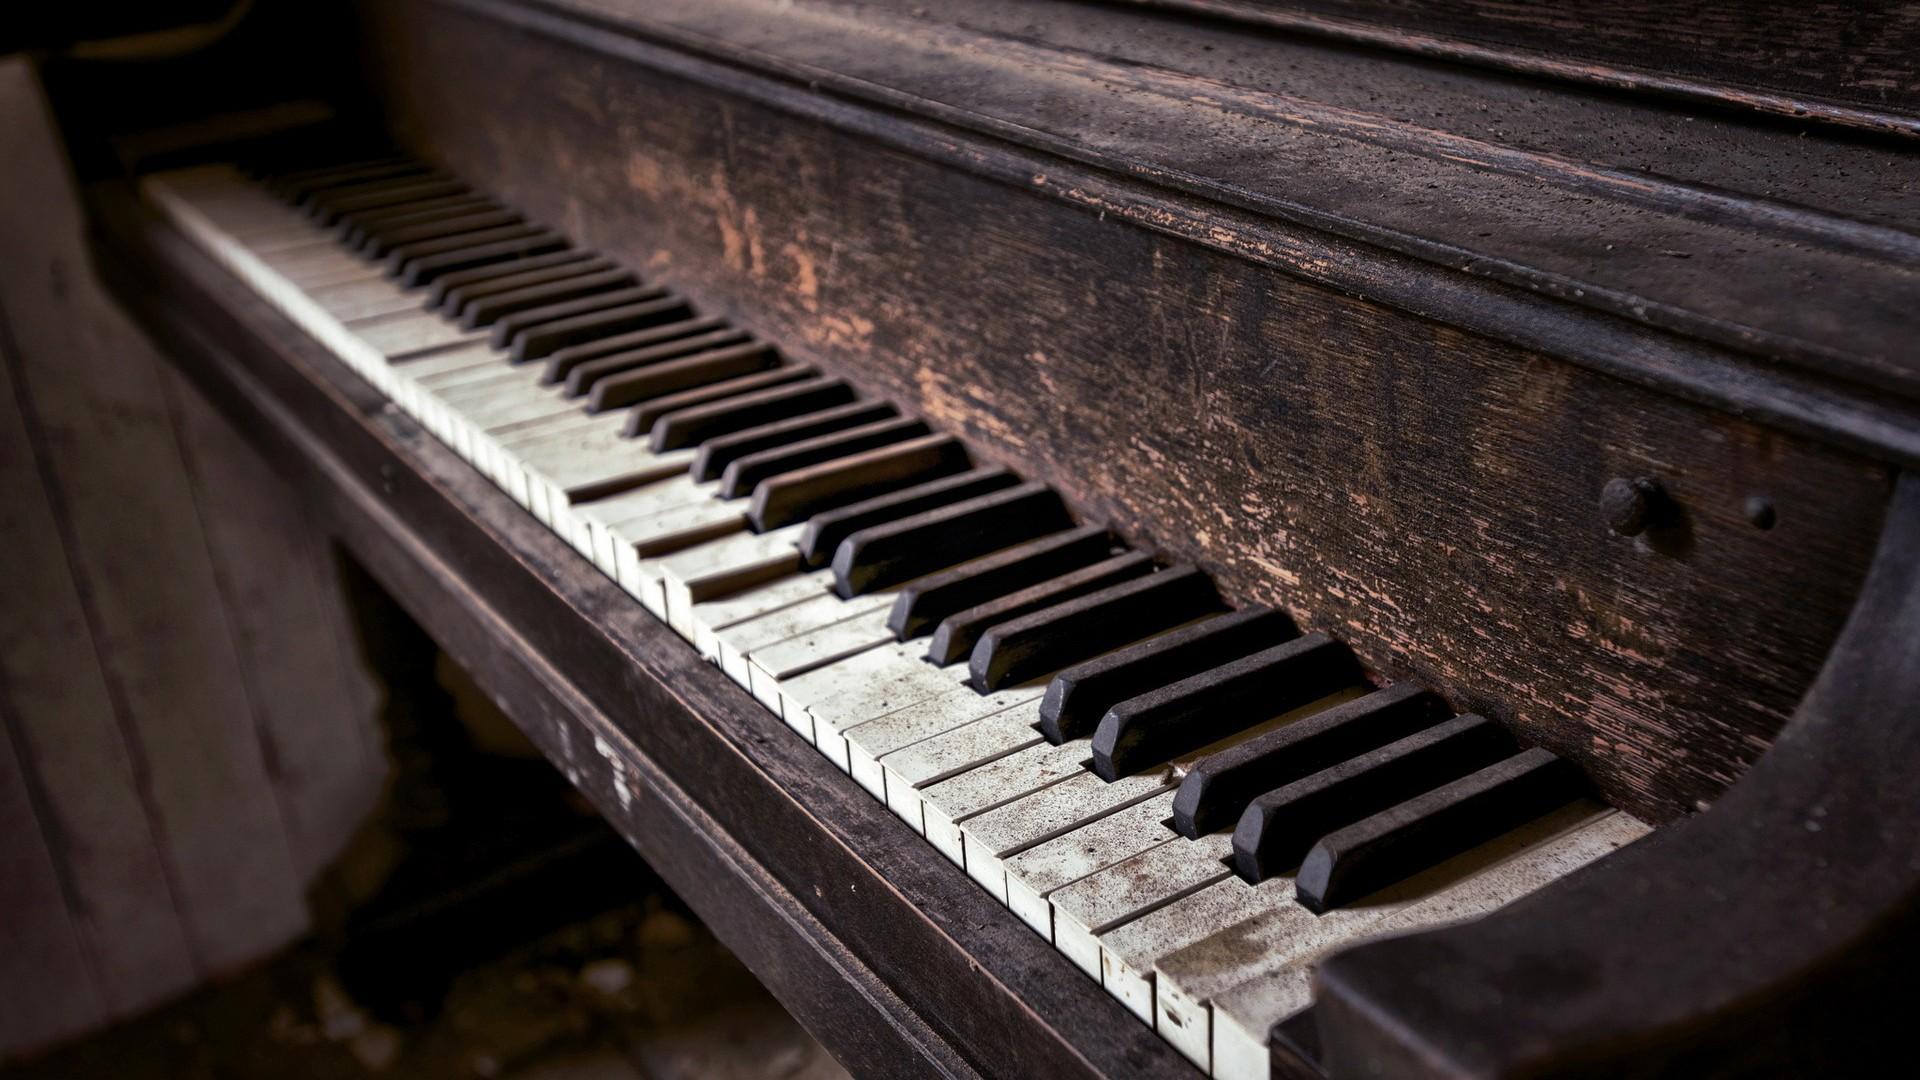 Картинки с фортепиано, открытки вставляемым текстом